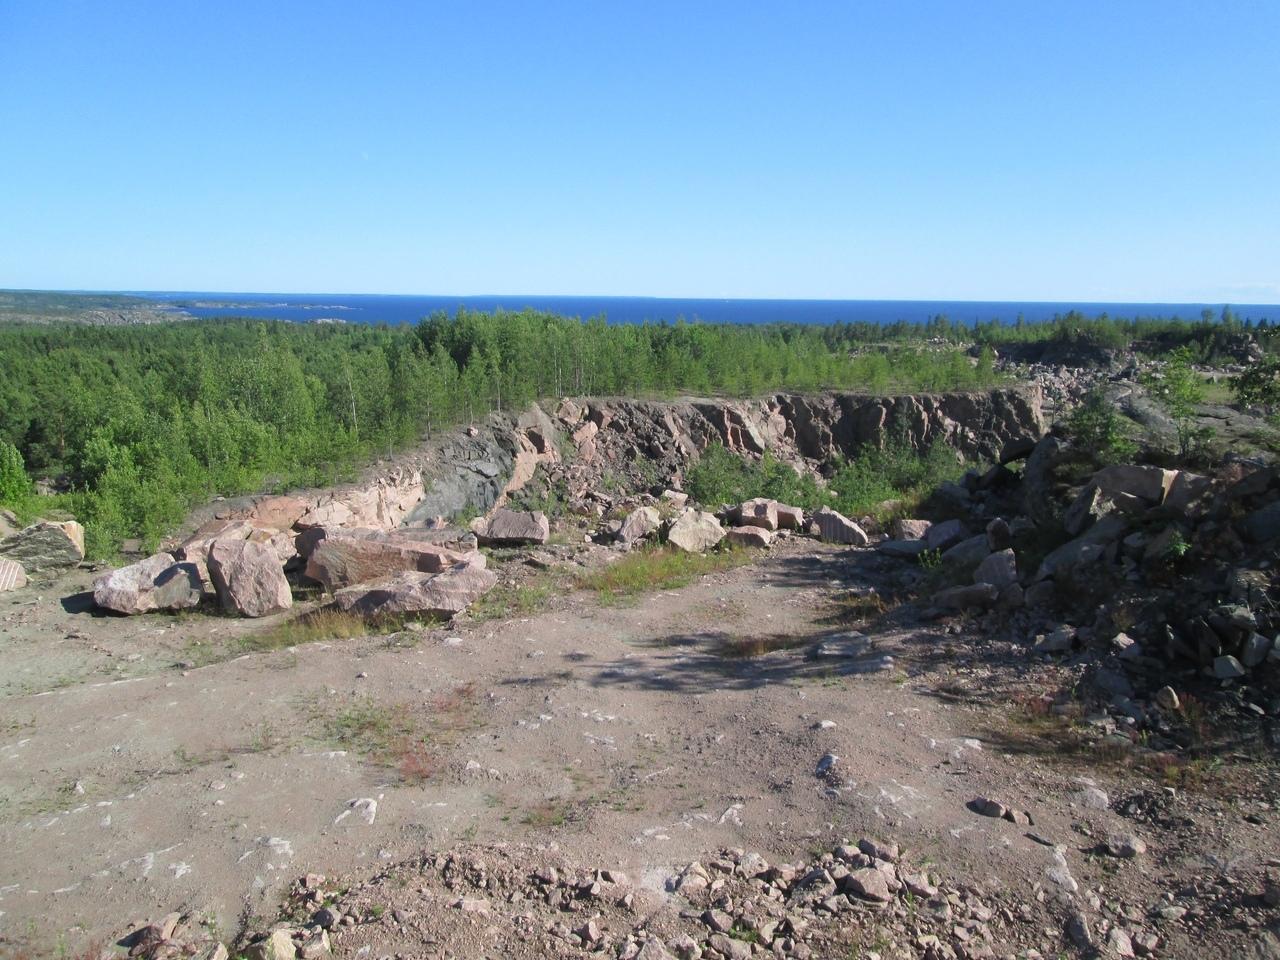 Вид на южную часть Ладожского карьера (о. Сюскюянсаари) и Ладожское озеро. Фото Борисова И.В.